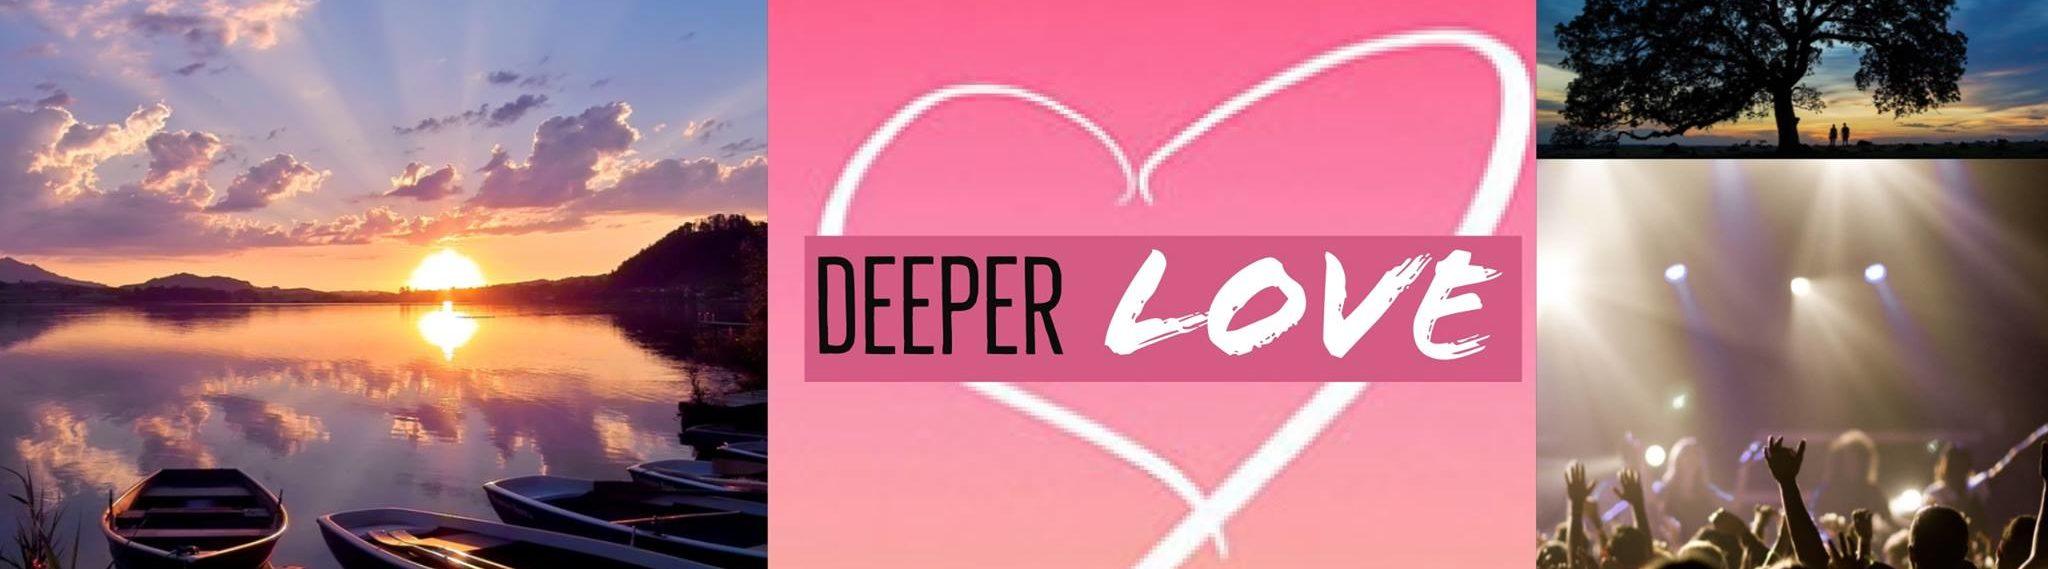 Deeper Love International